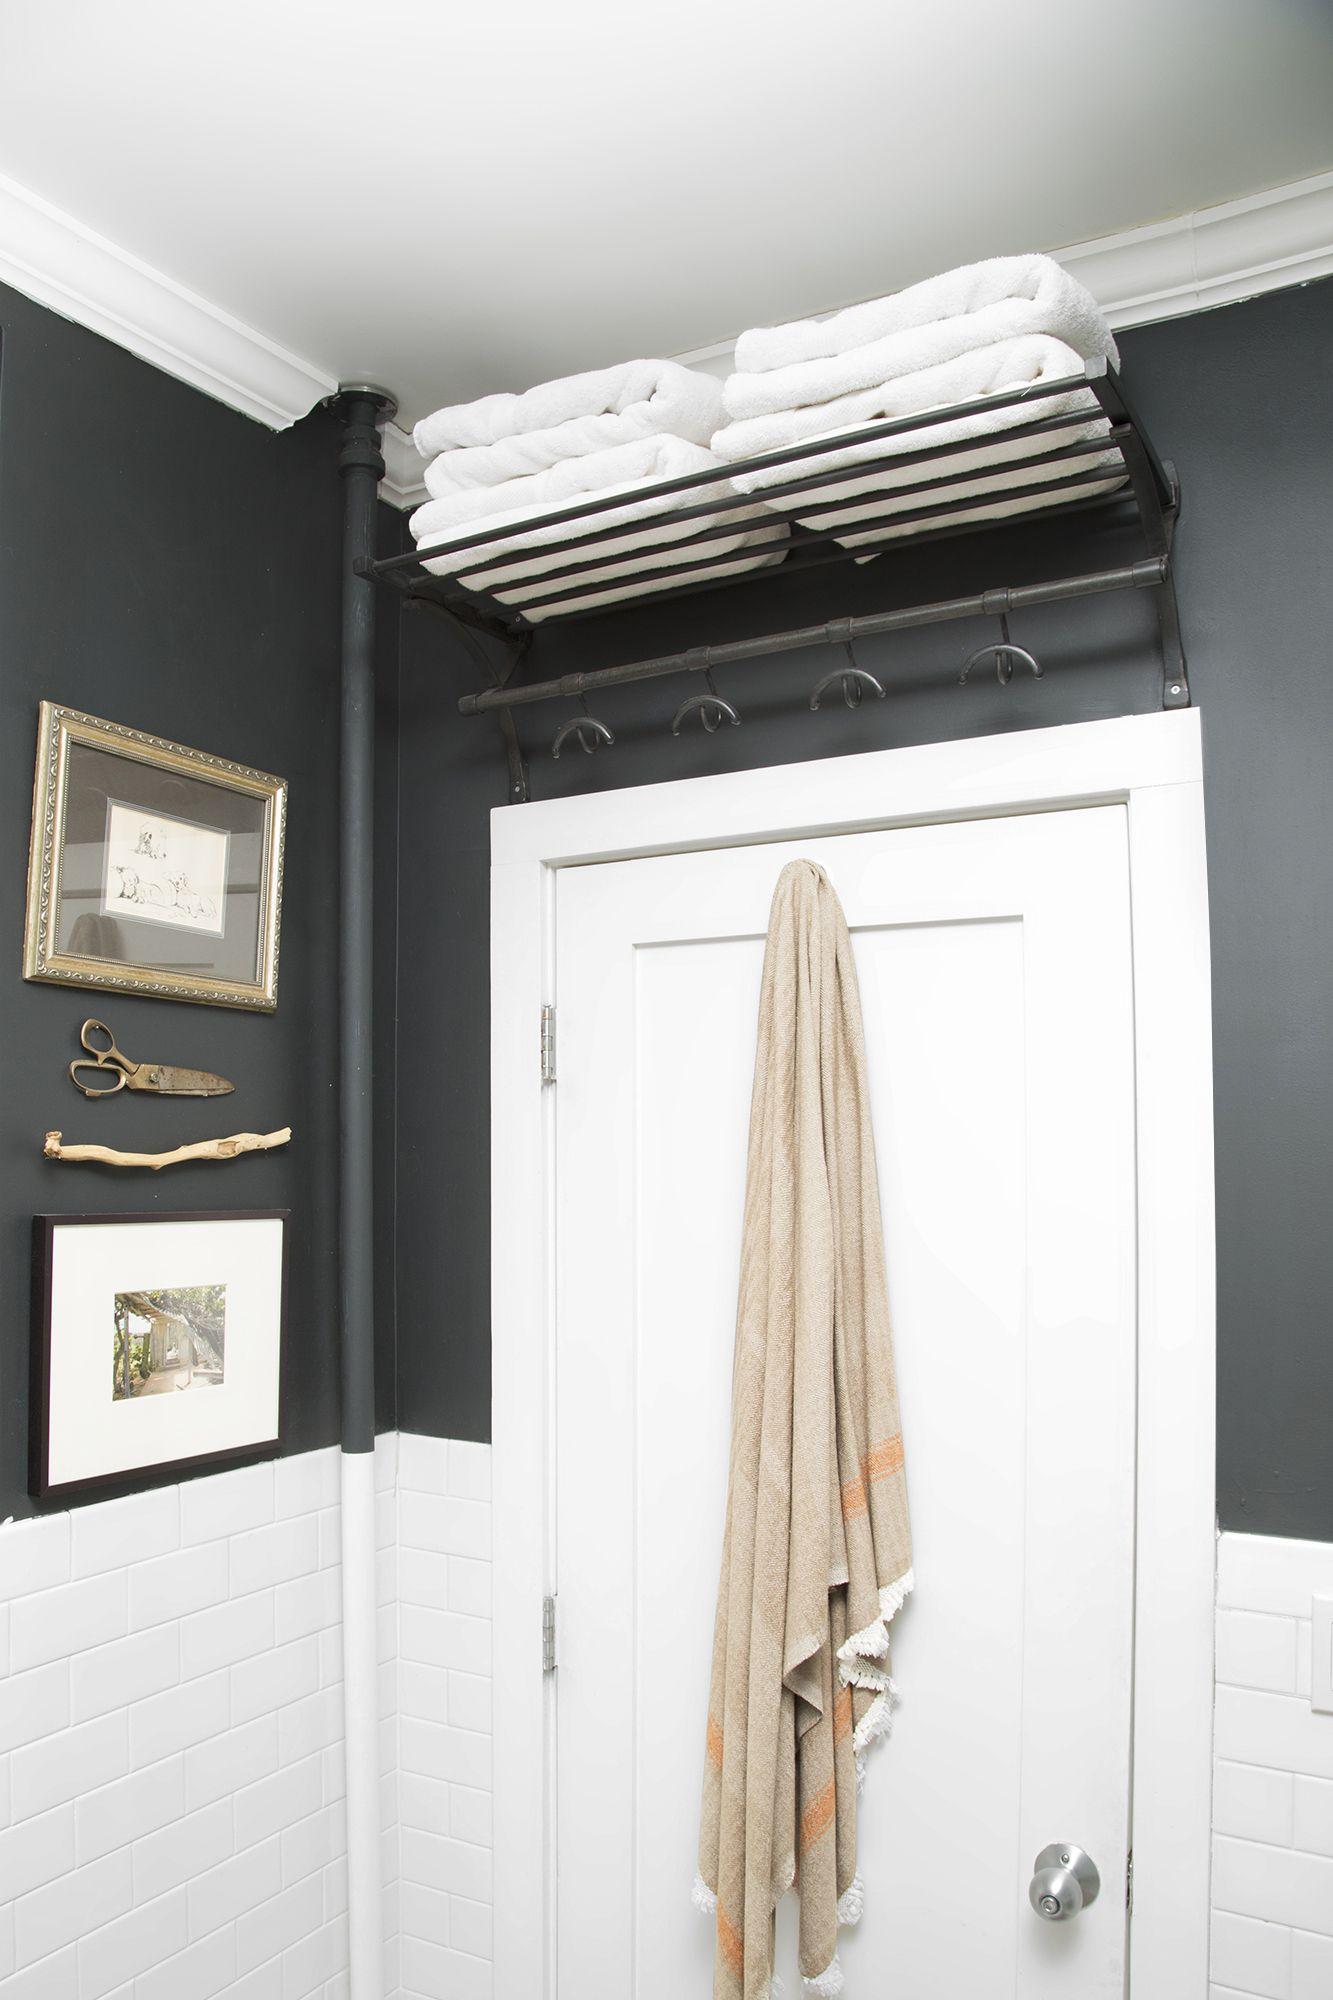 towel styling on black metal shelf above bathroom door